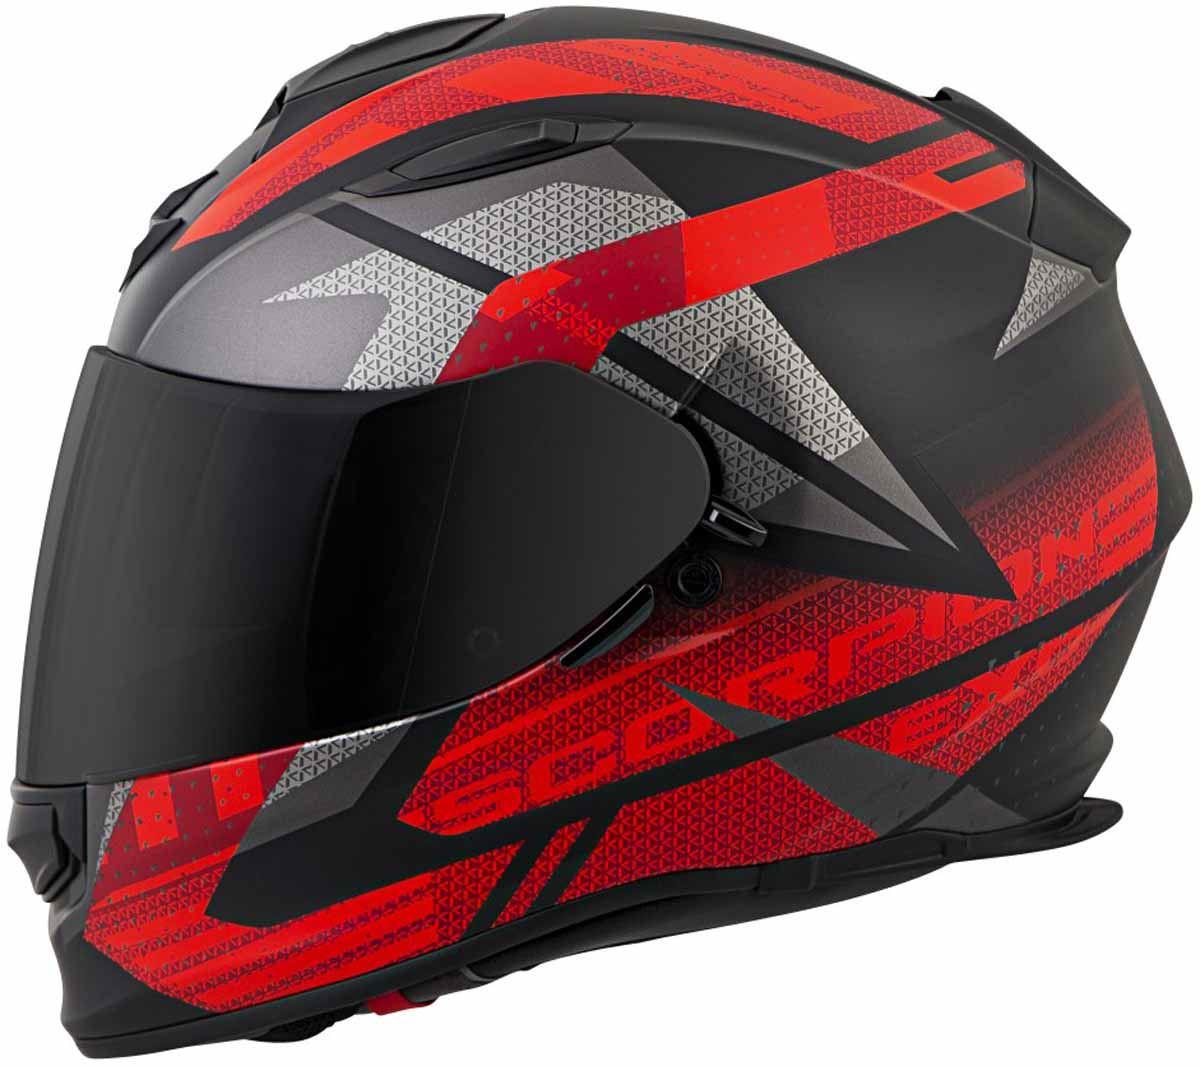 Scorpion-EXO-T510-Helmet-Full-Face-DOT-Approved-Inner-Sun-Shield miniature 81